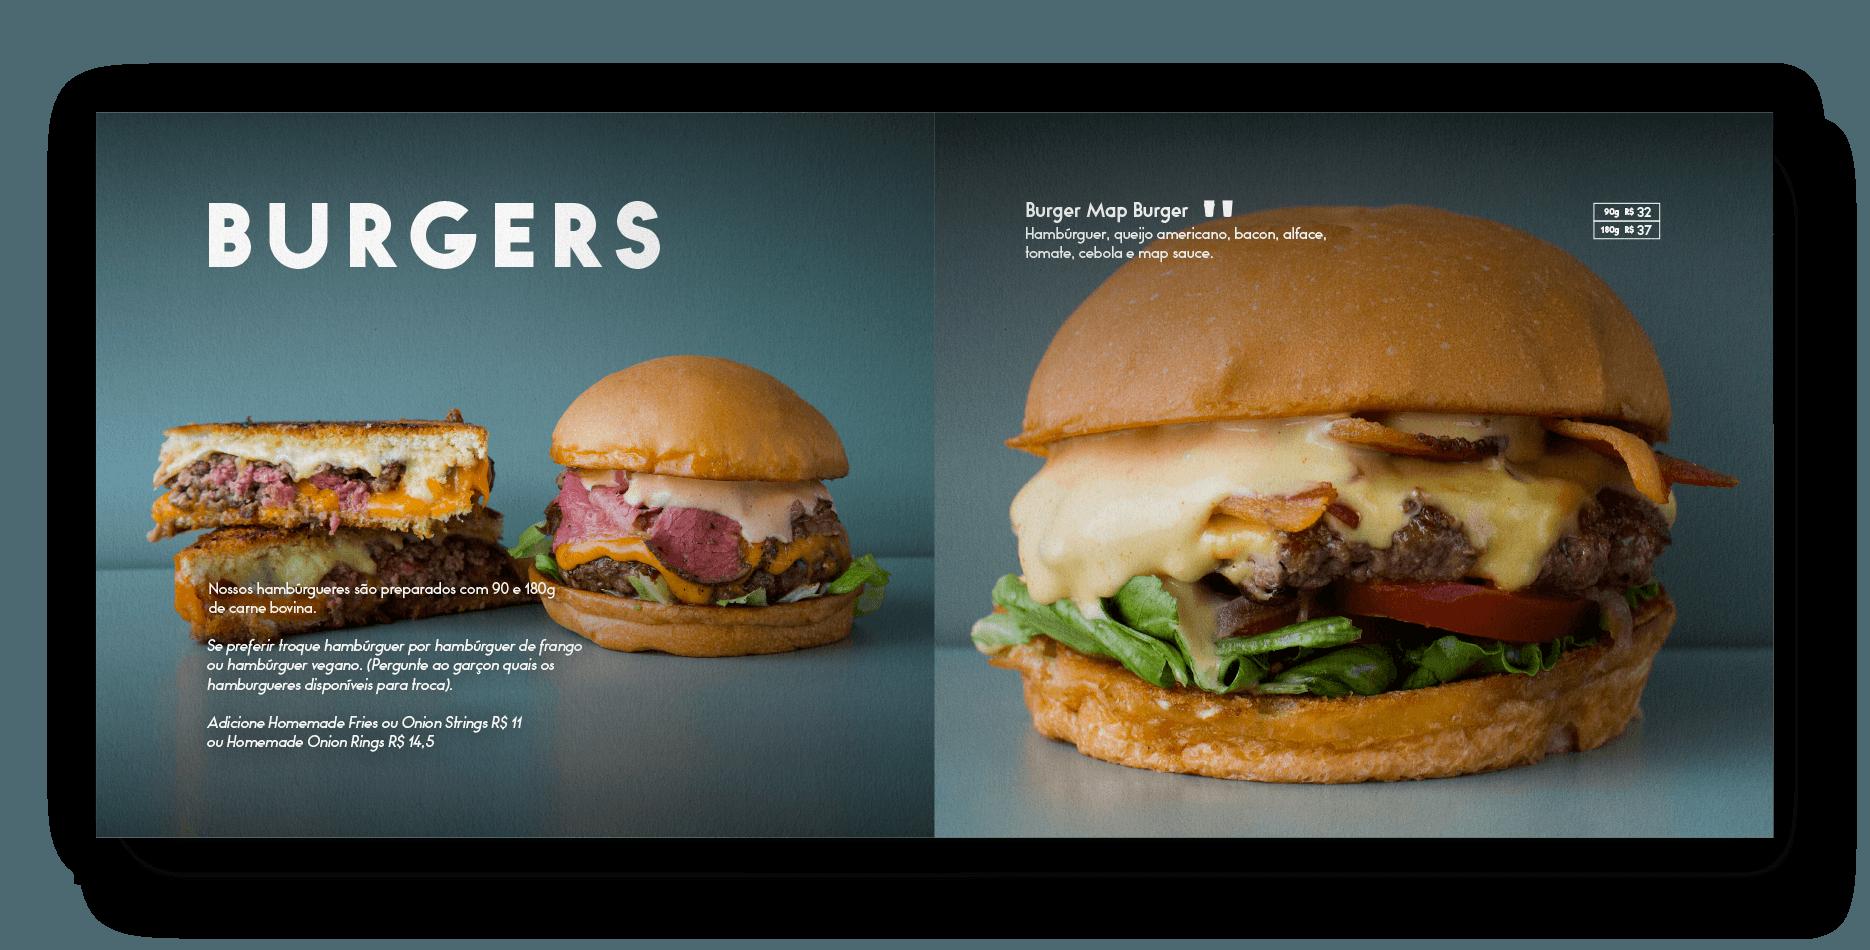 04-theburgermap-visualidentity-cardapio